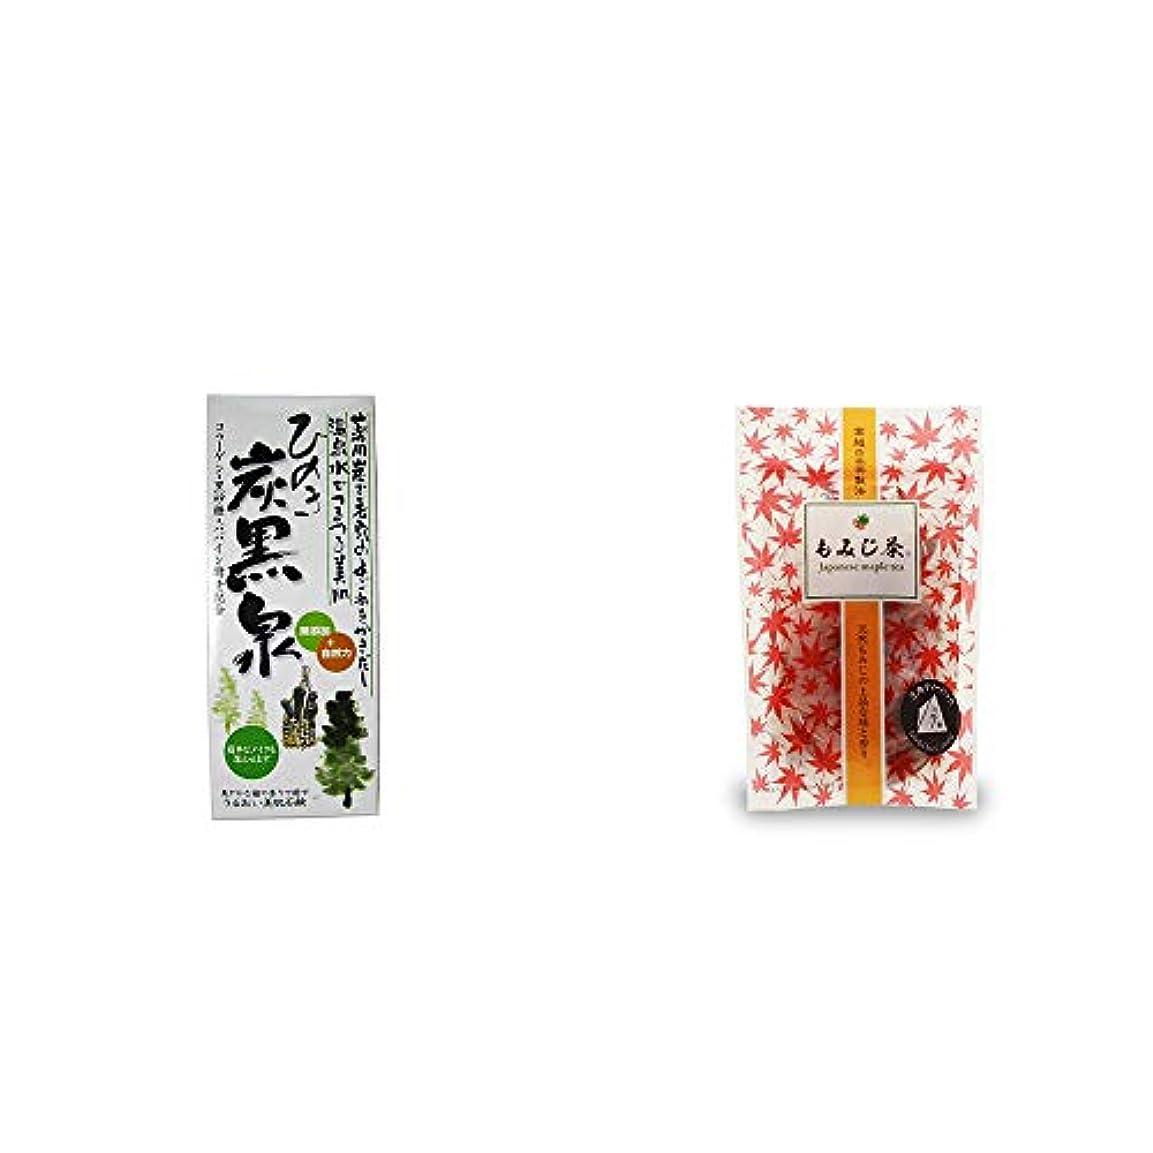 バンジージャンプ気分が良いビヨン[2点セット] ひのき炭黒泉 箱入り(75g×3)?もみじ茶(7パック入)